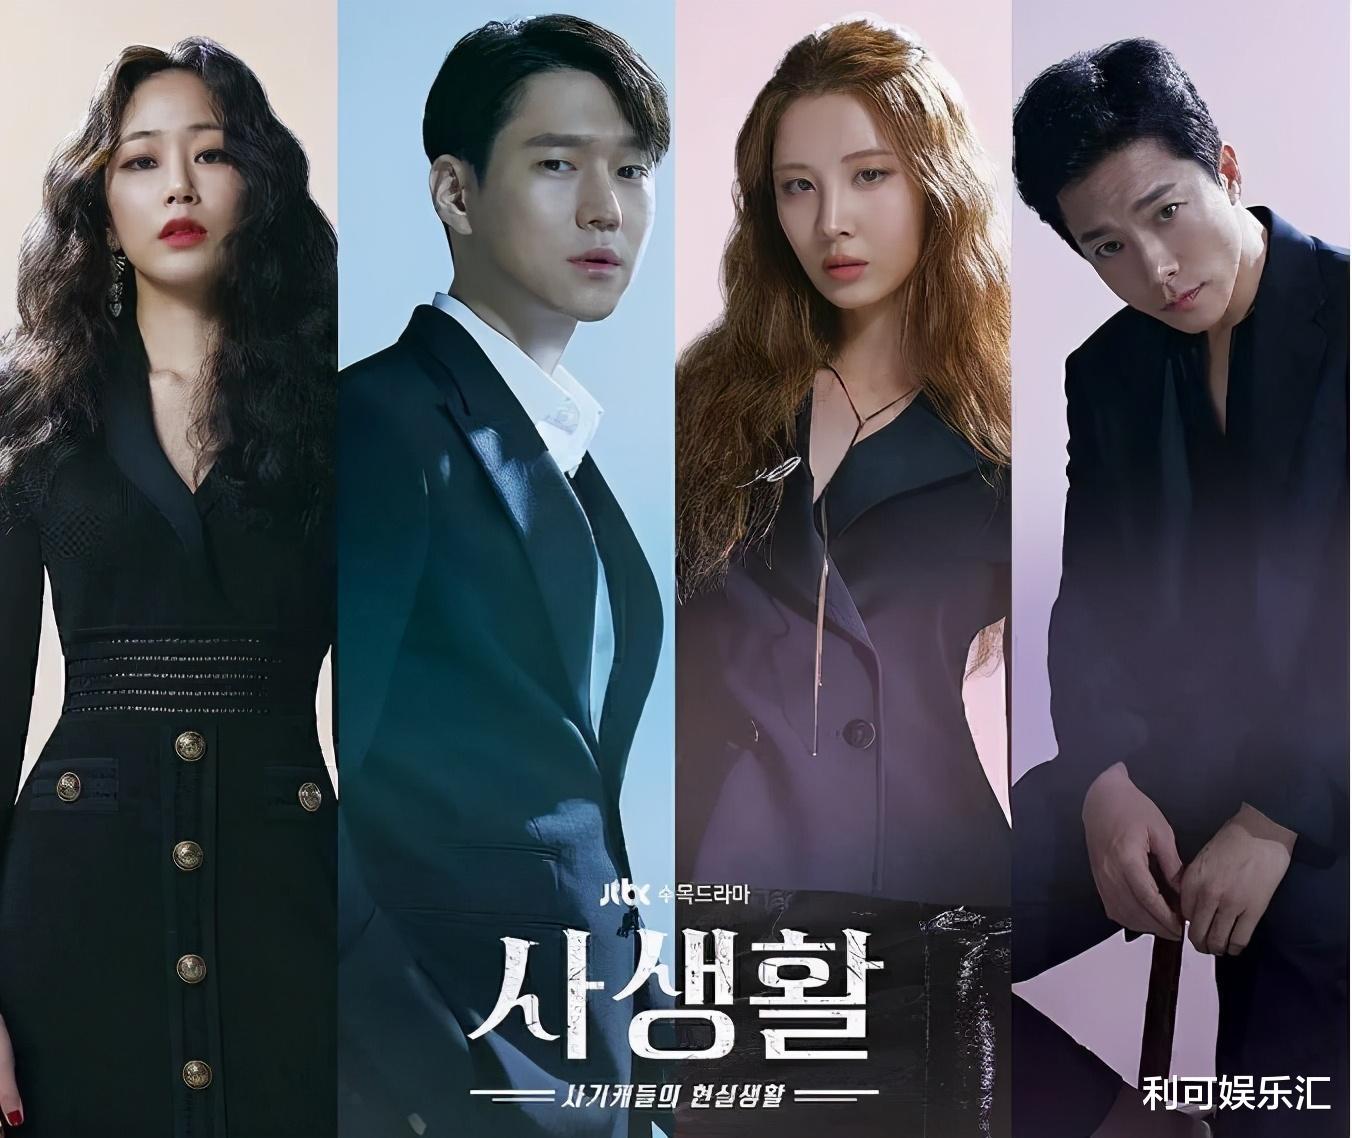 JTBC一蹶不振,播出中的韩剧全部创下1%收视率,这次又是爱豆背锅插图10